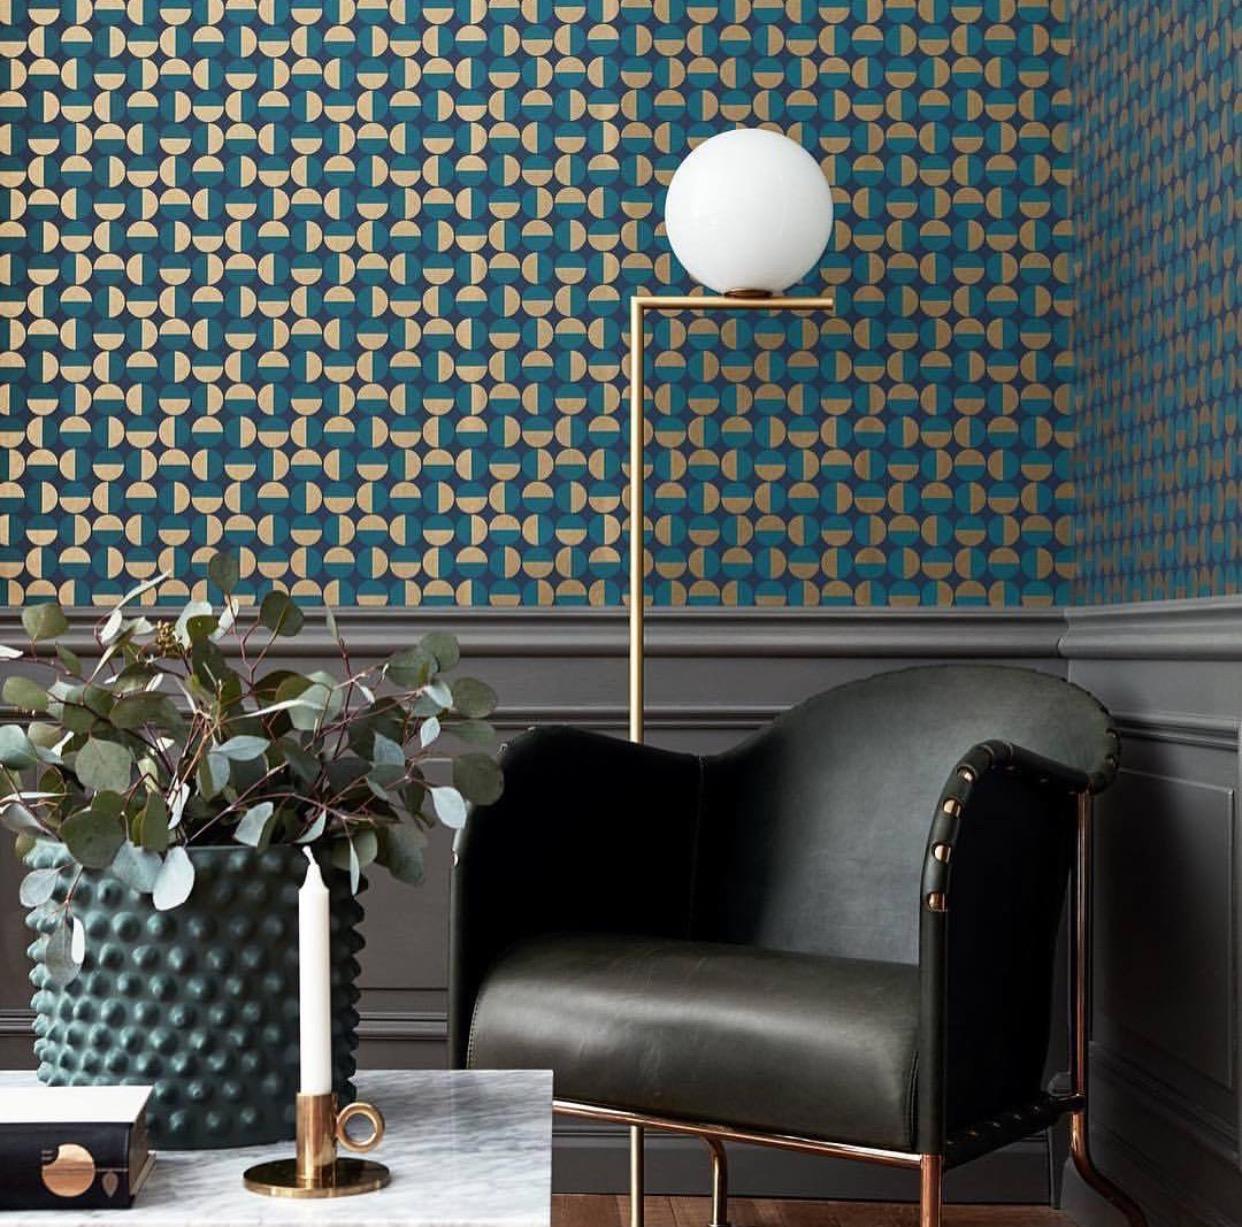 holborn - blog décoration d'intérieur - design d'espace - aménagement studio - Tendances décoration 2017